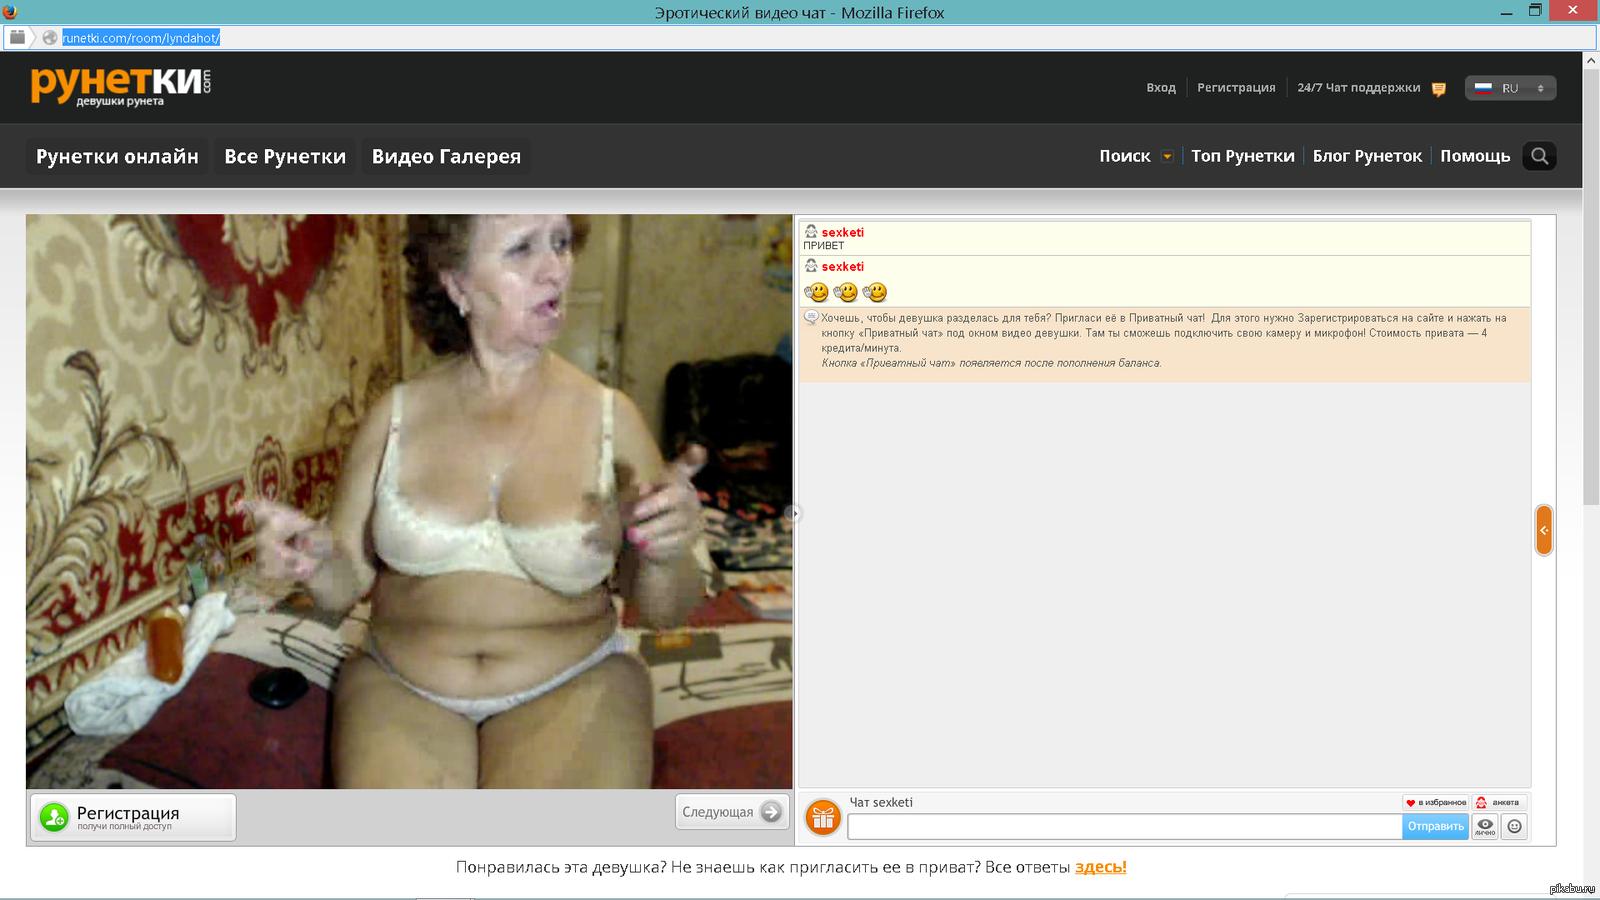 Бесплатные эротические видеочаты